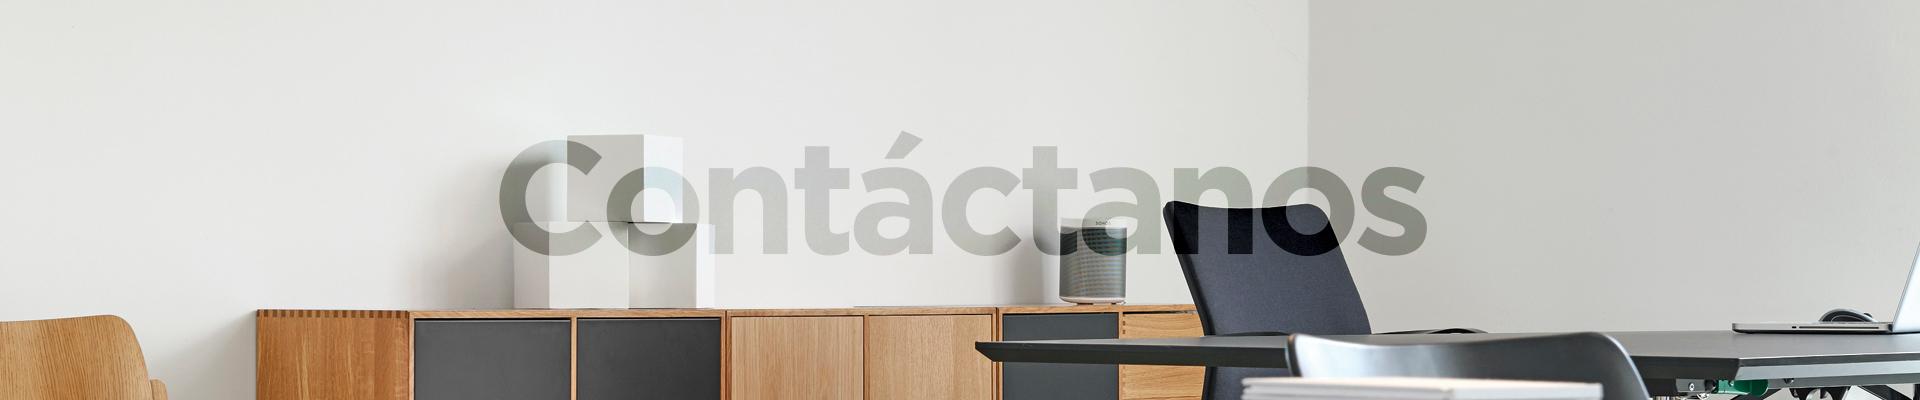 ImagenContactanos